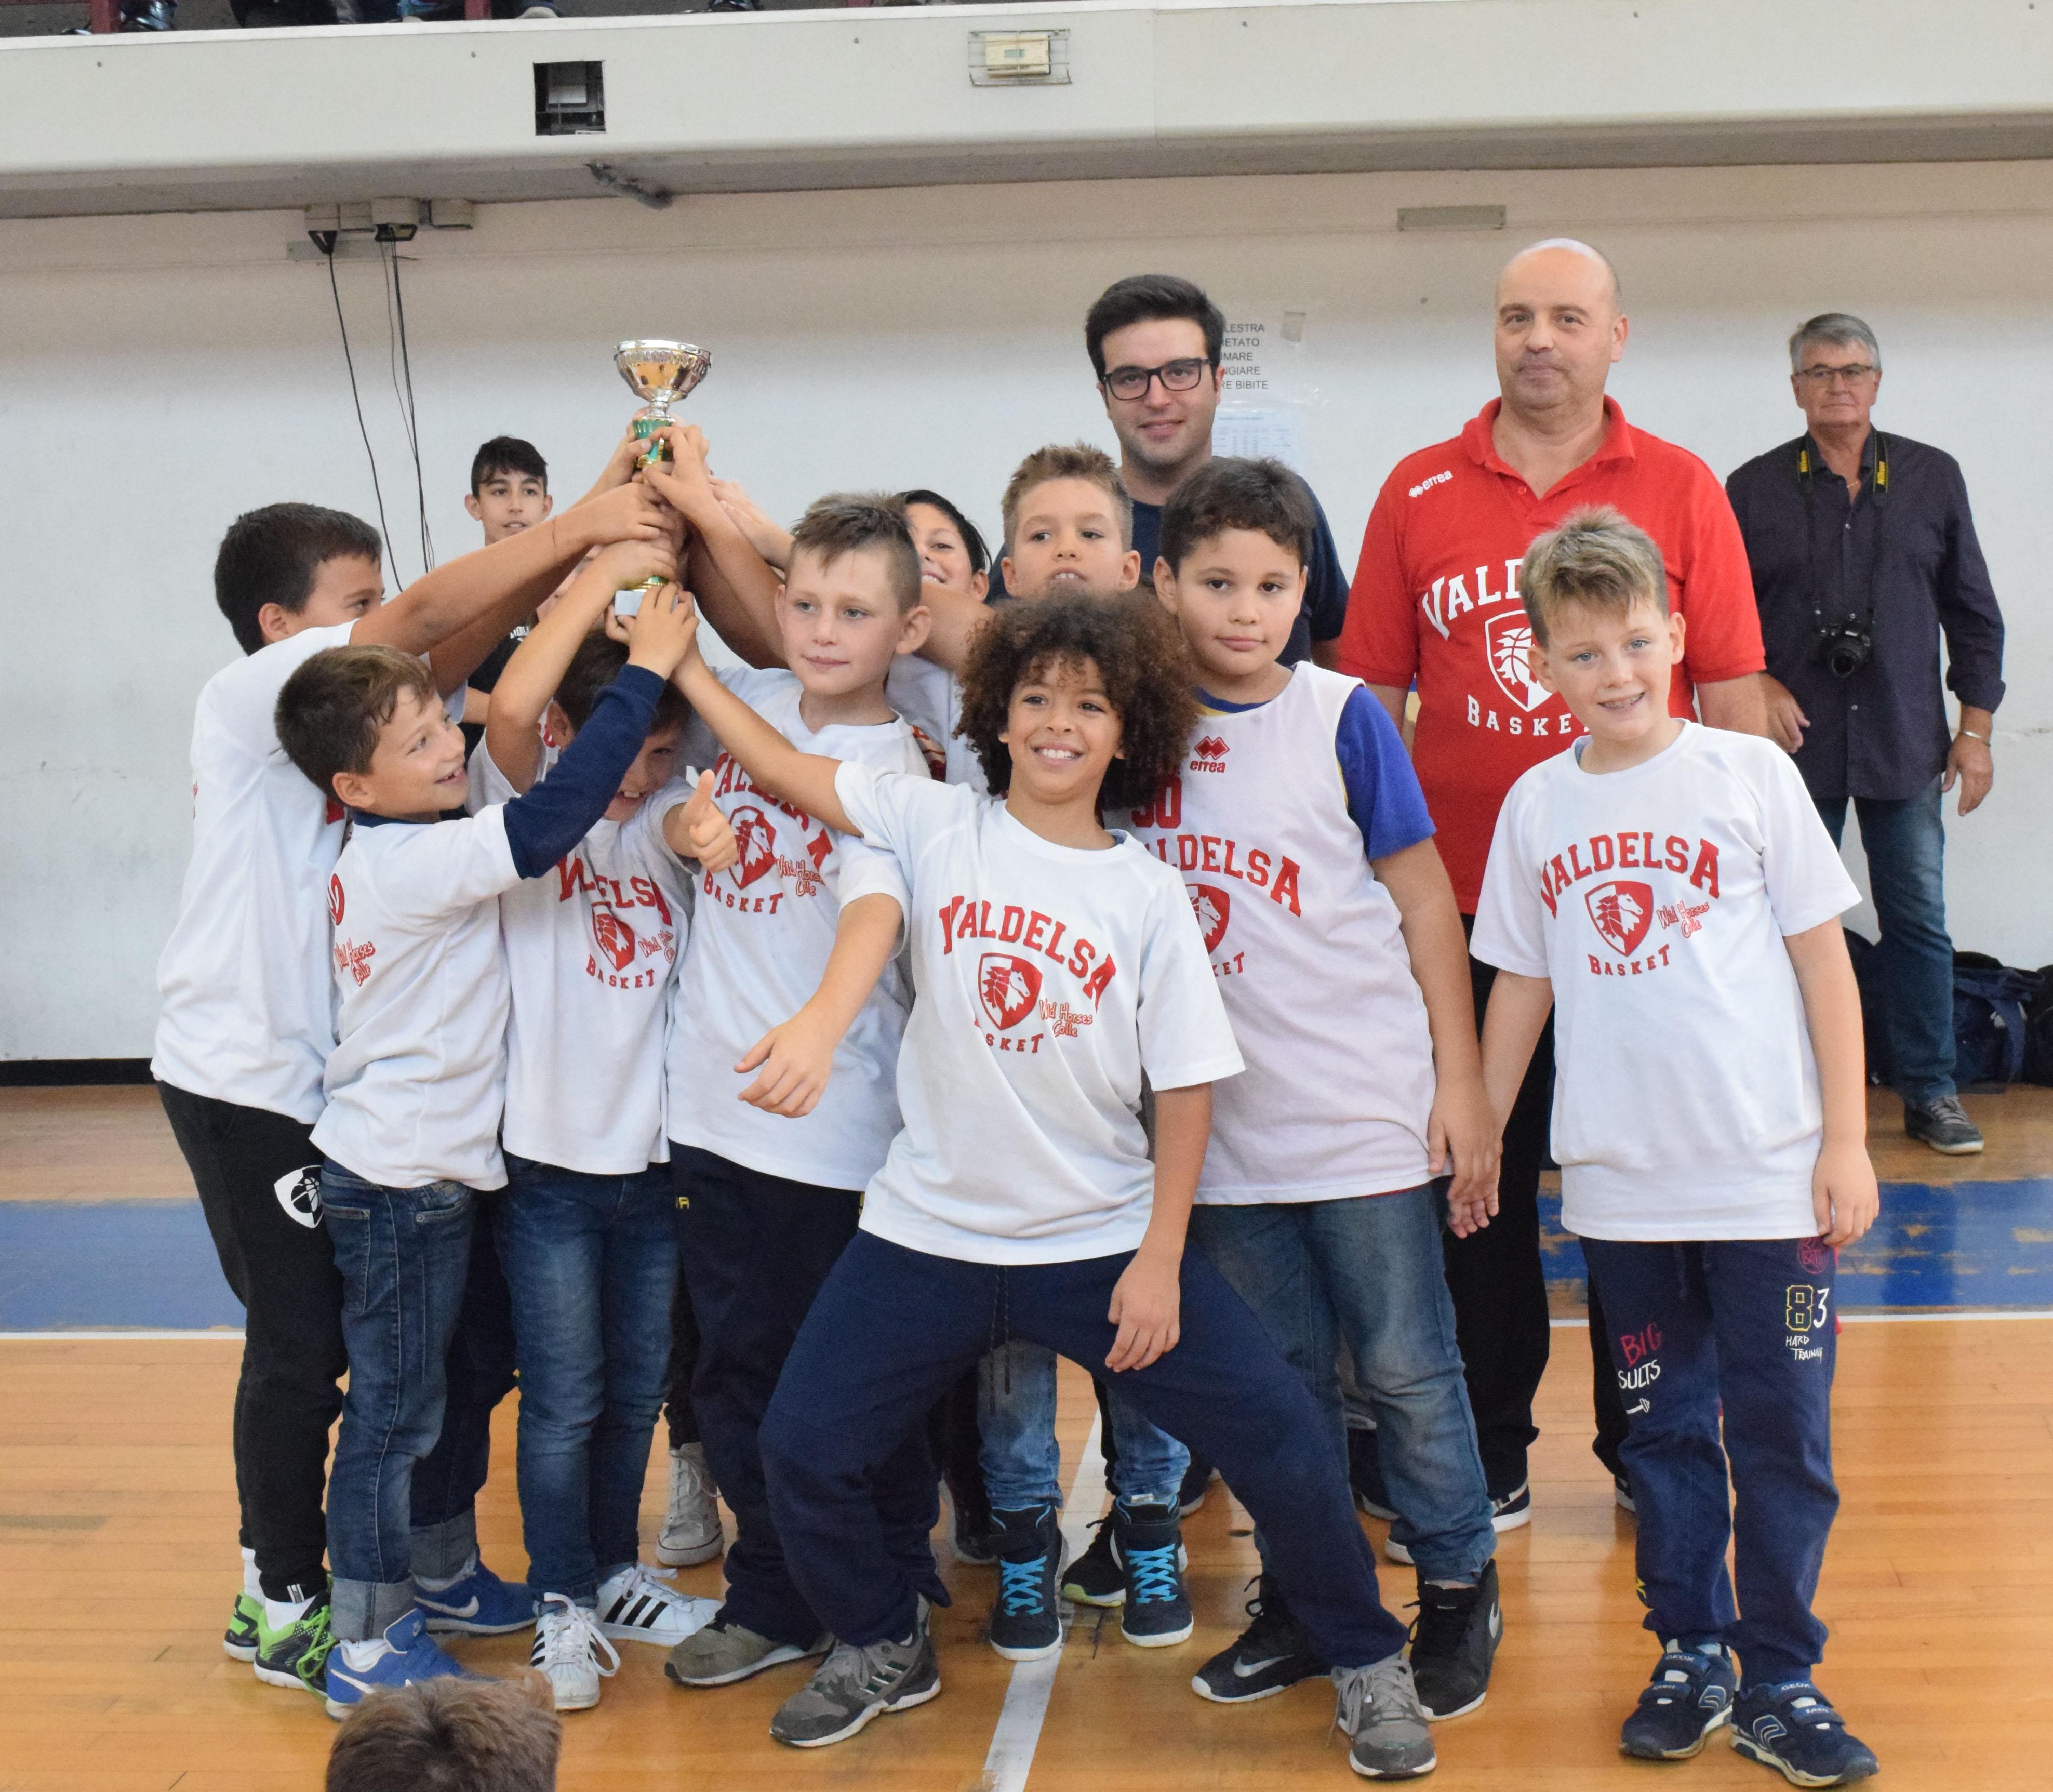 Scoiattoli2009_torneoAutunno_2018_z9p